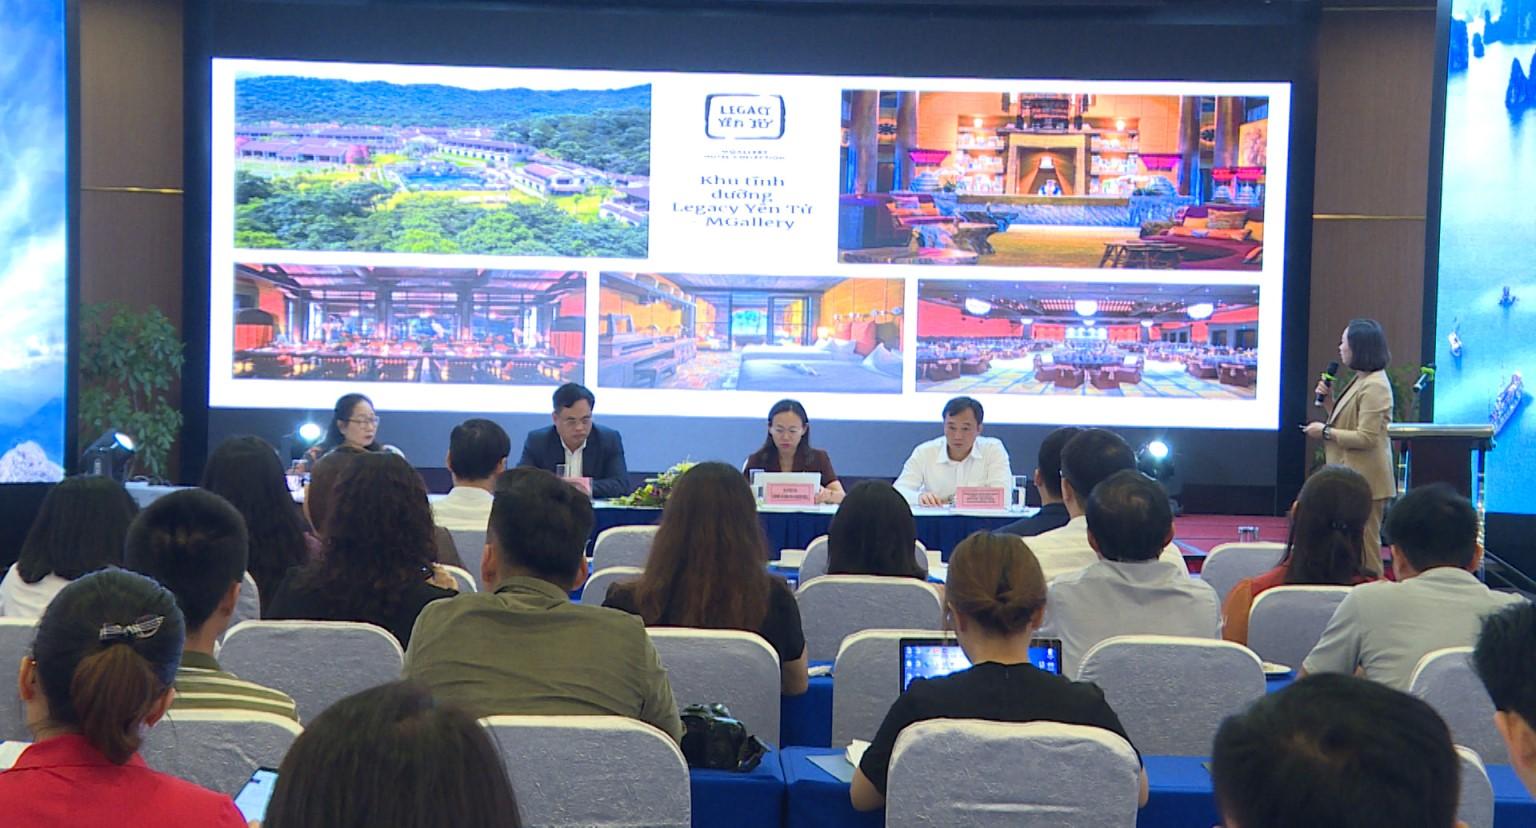 Sở Du lịch tổ chức họp báo công bố hoạt động kích cầu, xúc tiến quảng bá du lịch Quảng Ninh năm 2021.